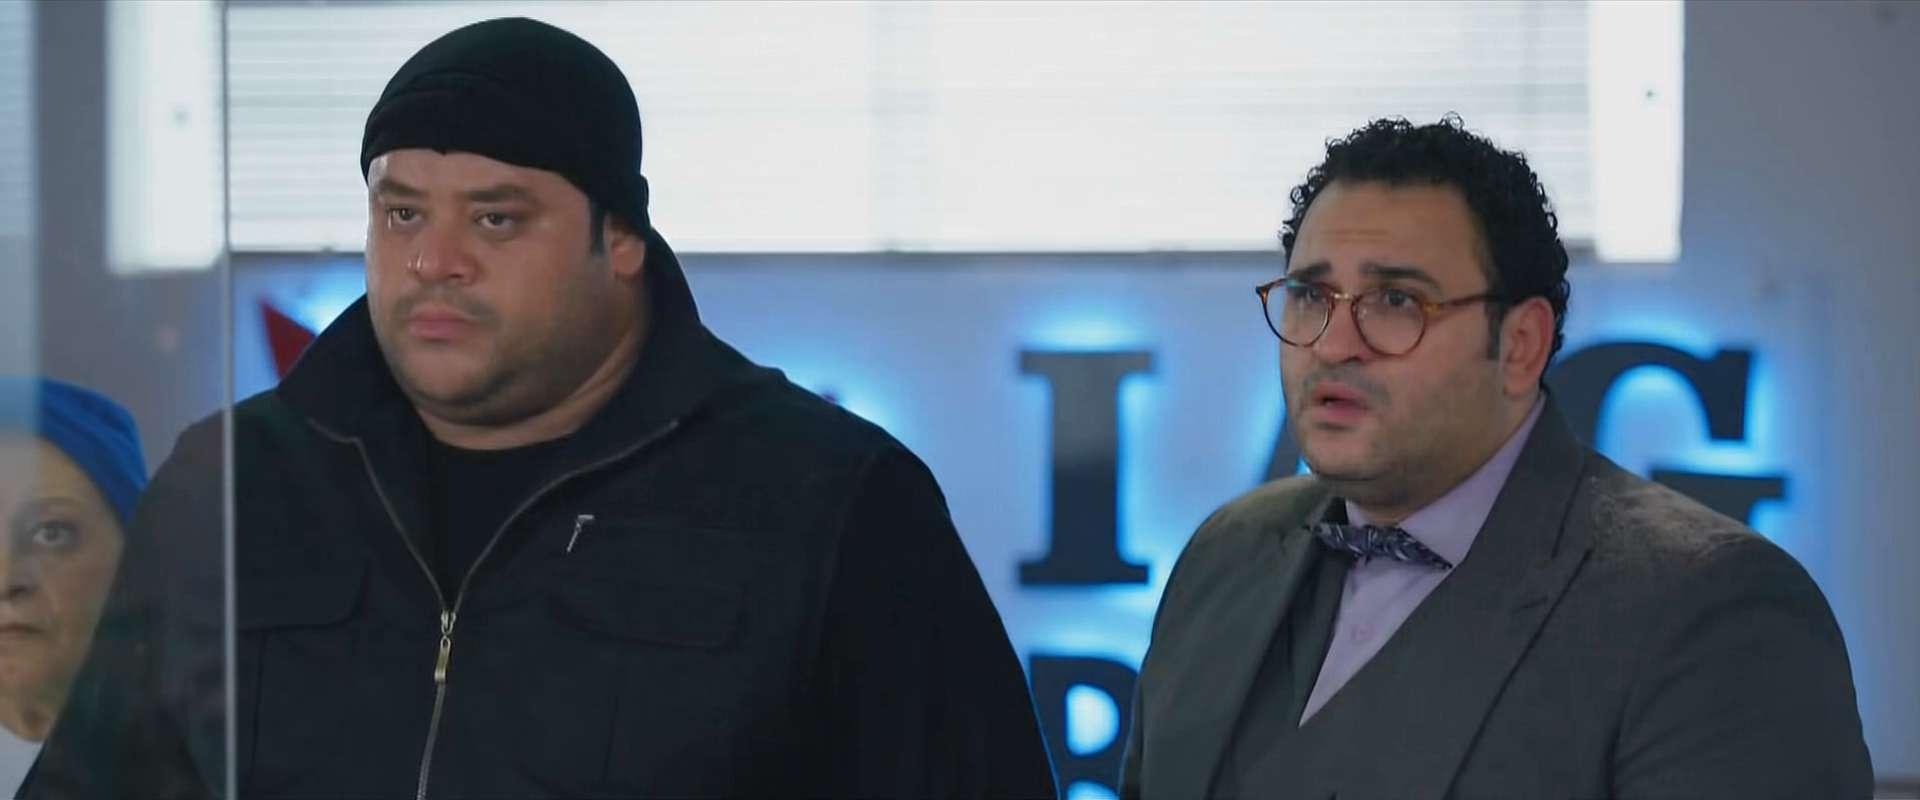 [فيلم][تورنت][تحميل][بنك الحظ][2017][1080p][HDTV] 5 arabp2p.com